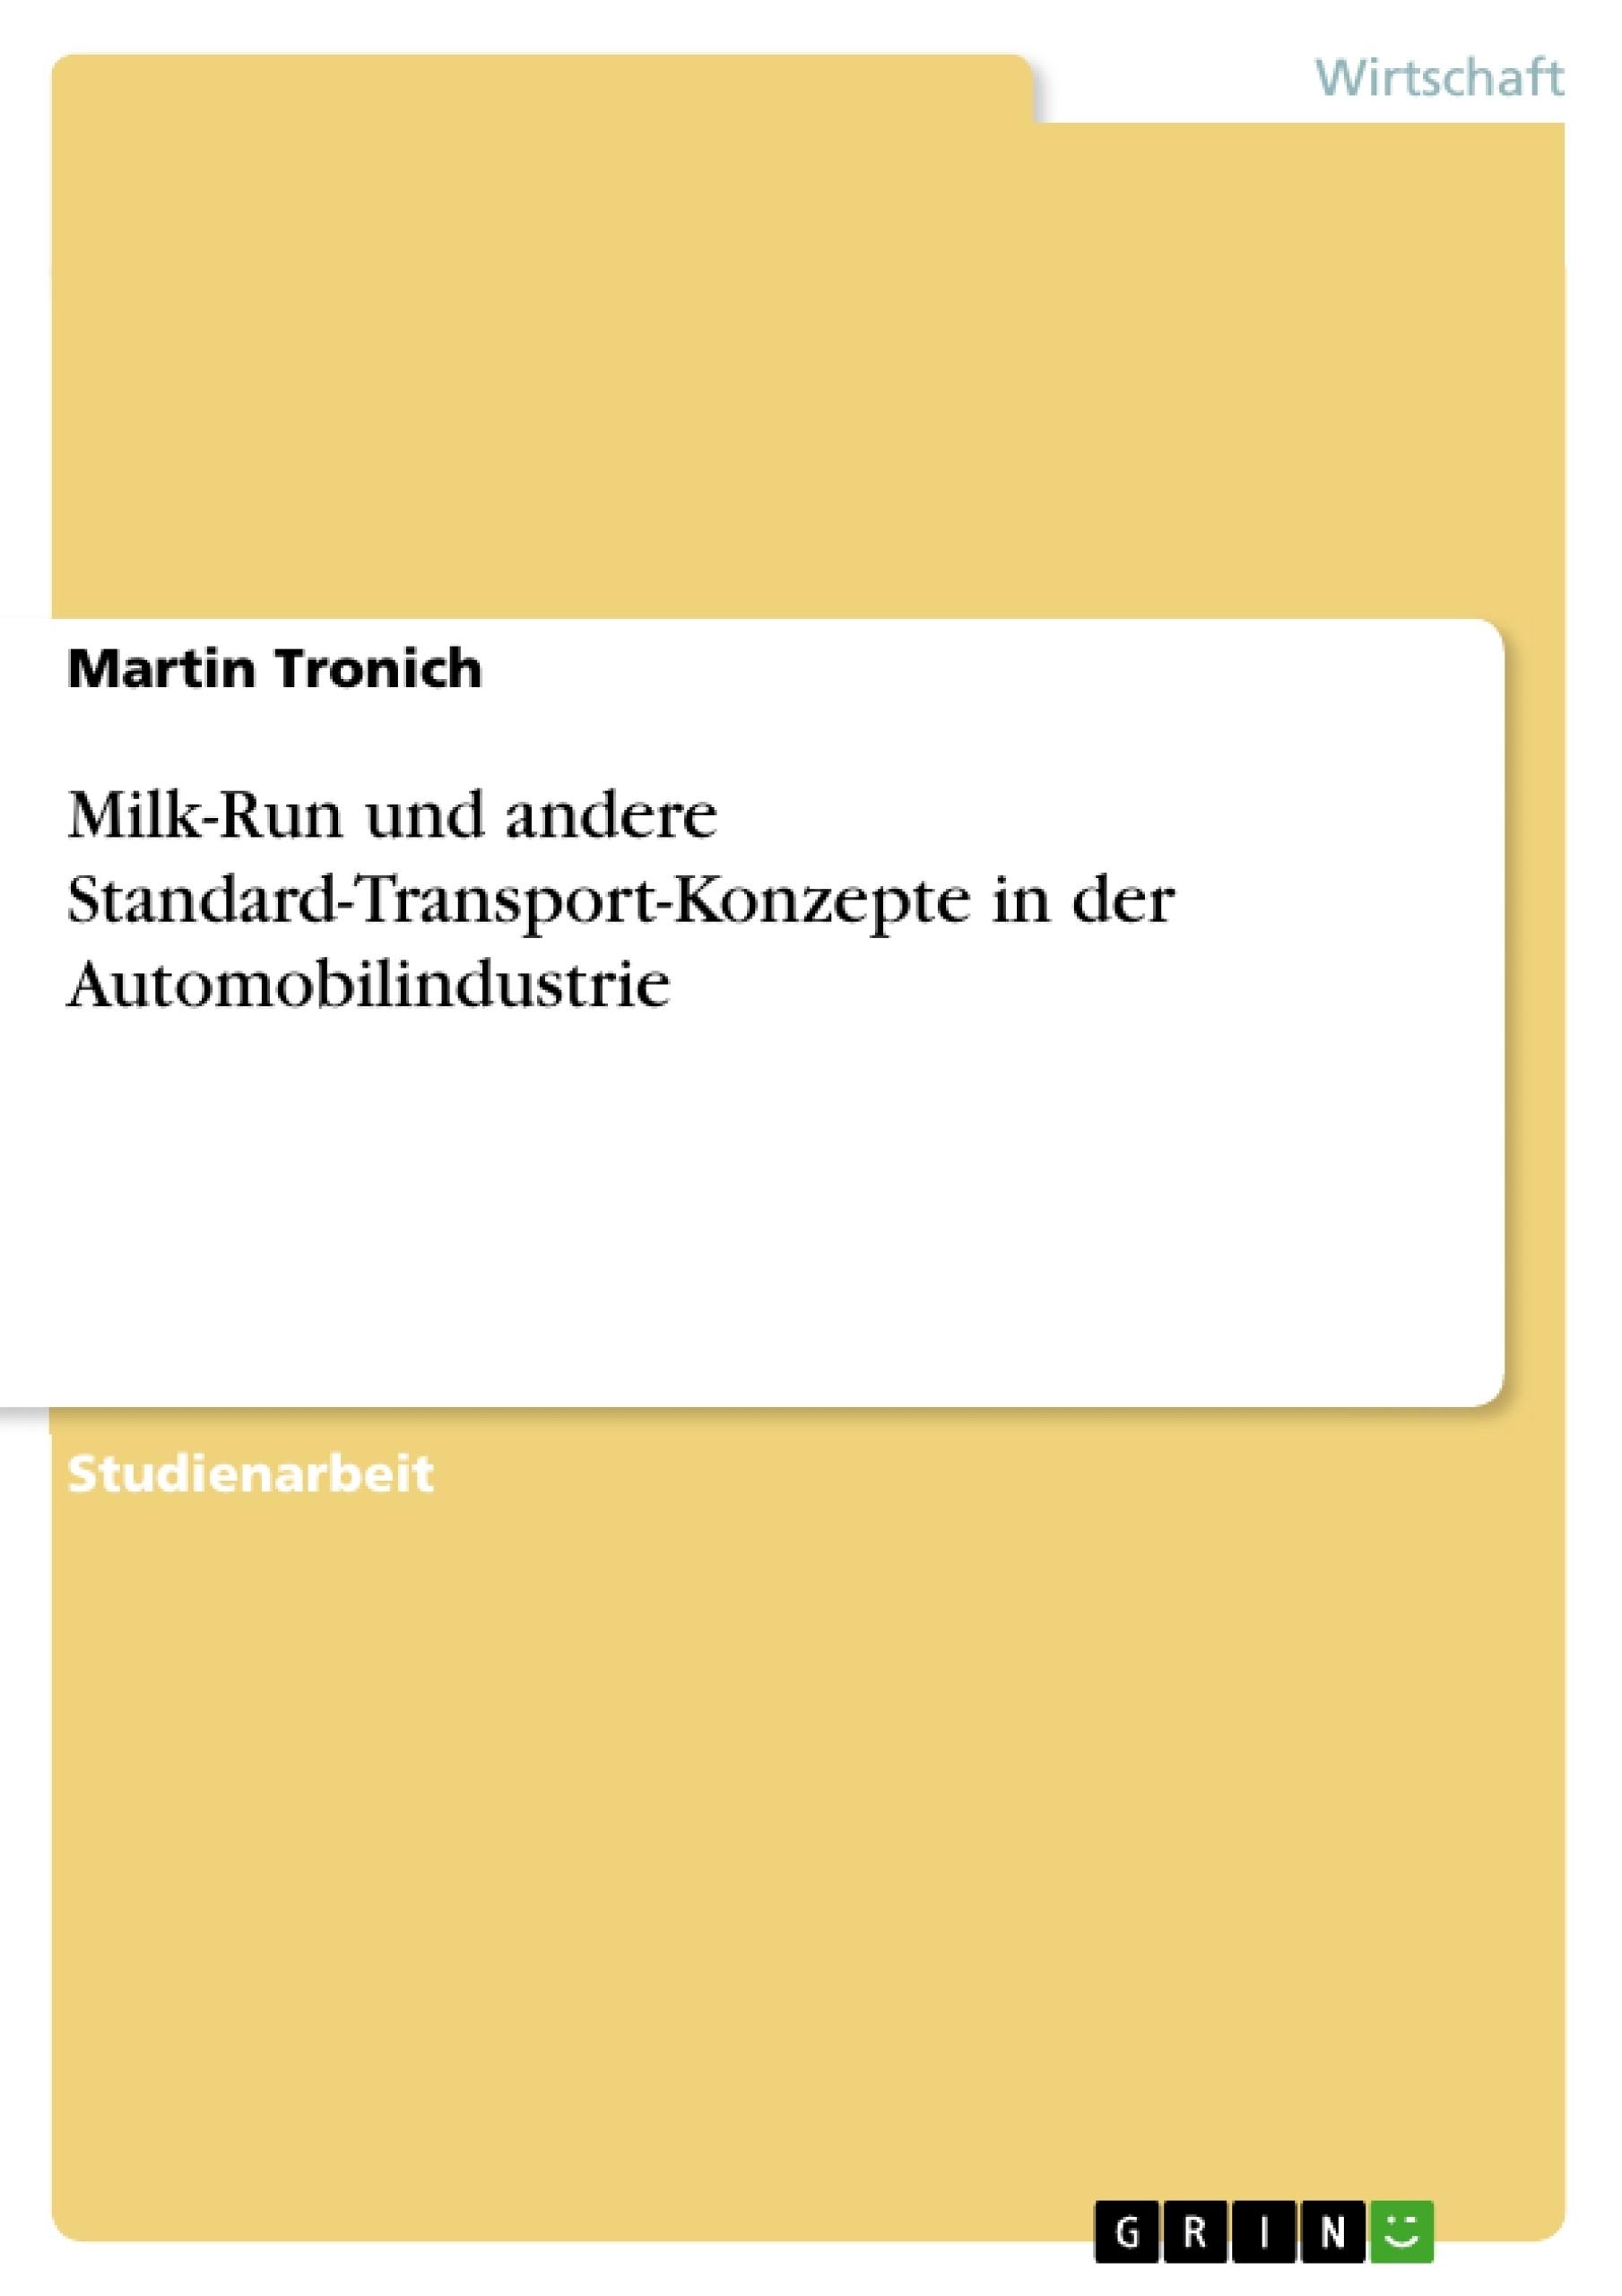 Titel: Milk-Run und andere Standard-Transport-Konzepte in der Automobilindustrie